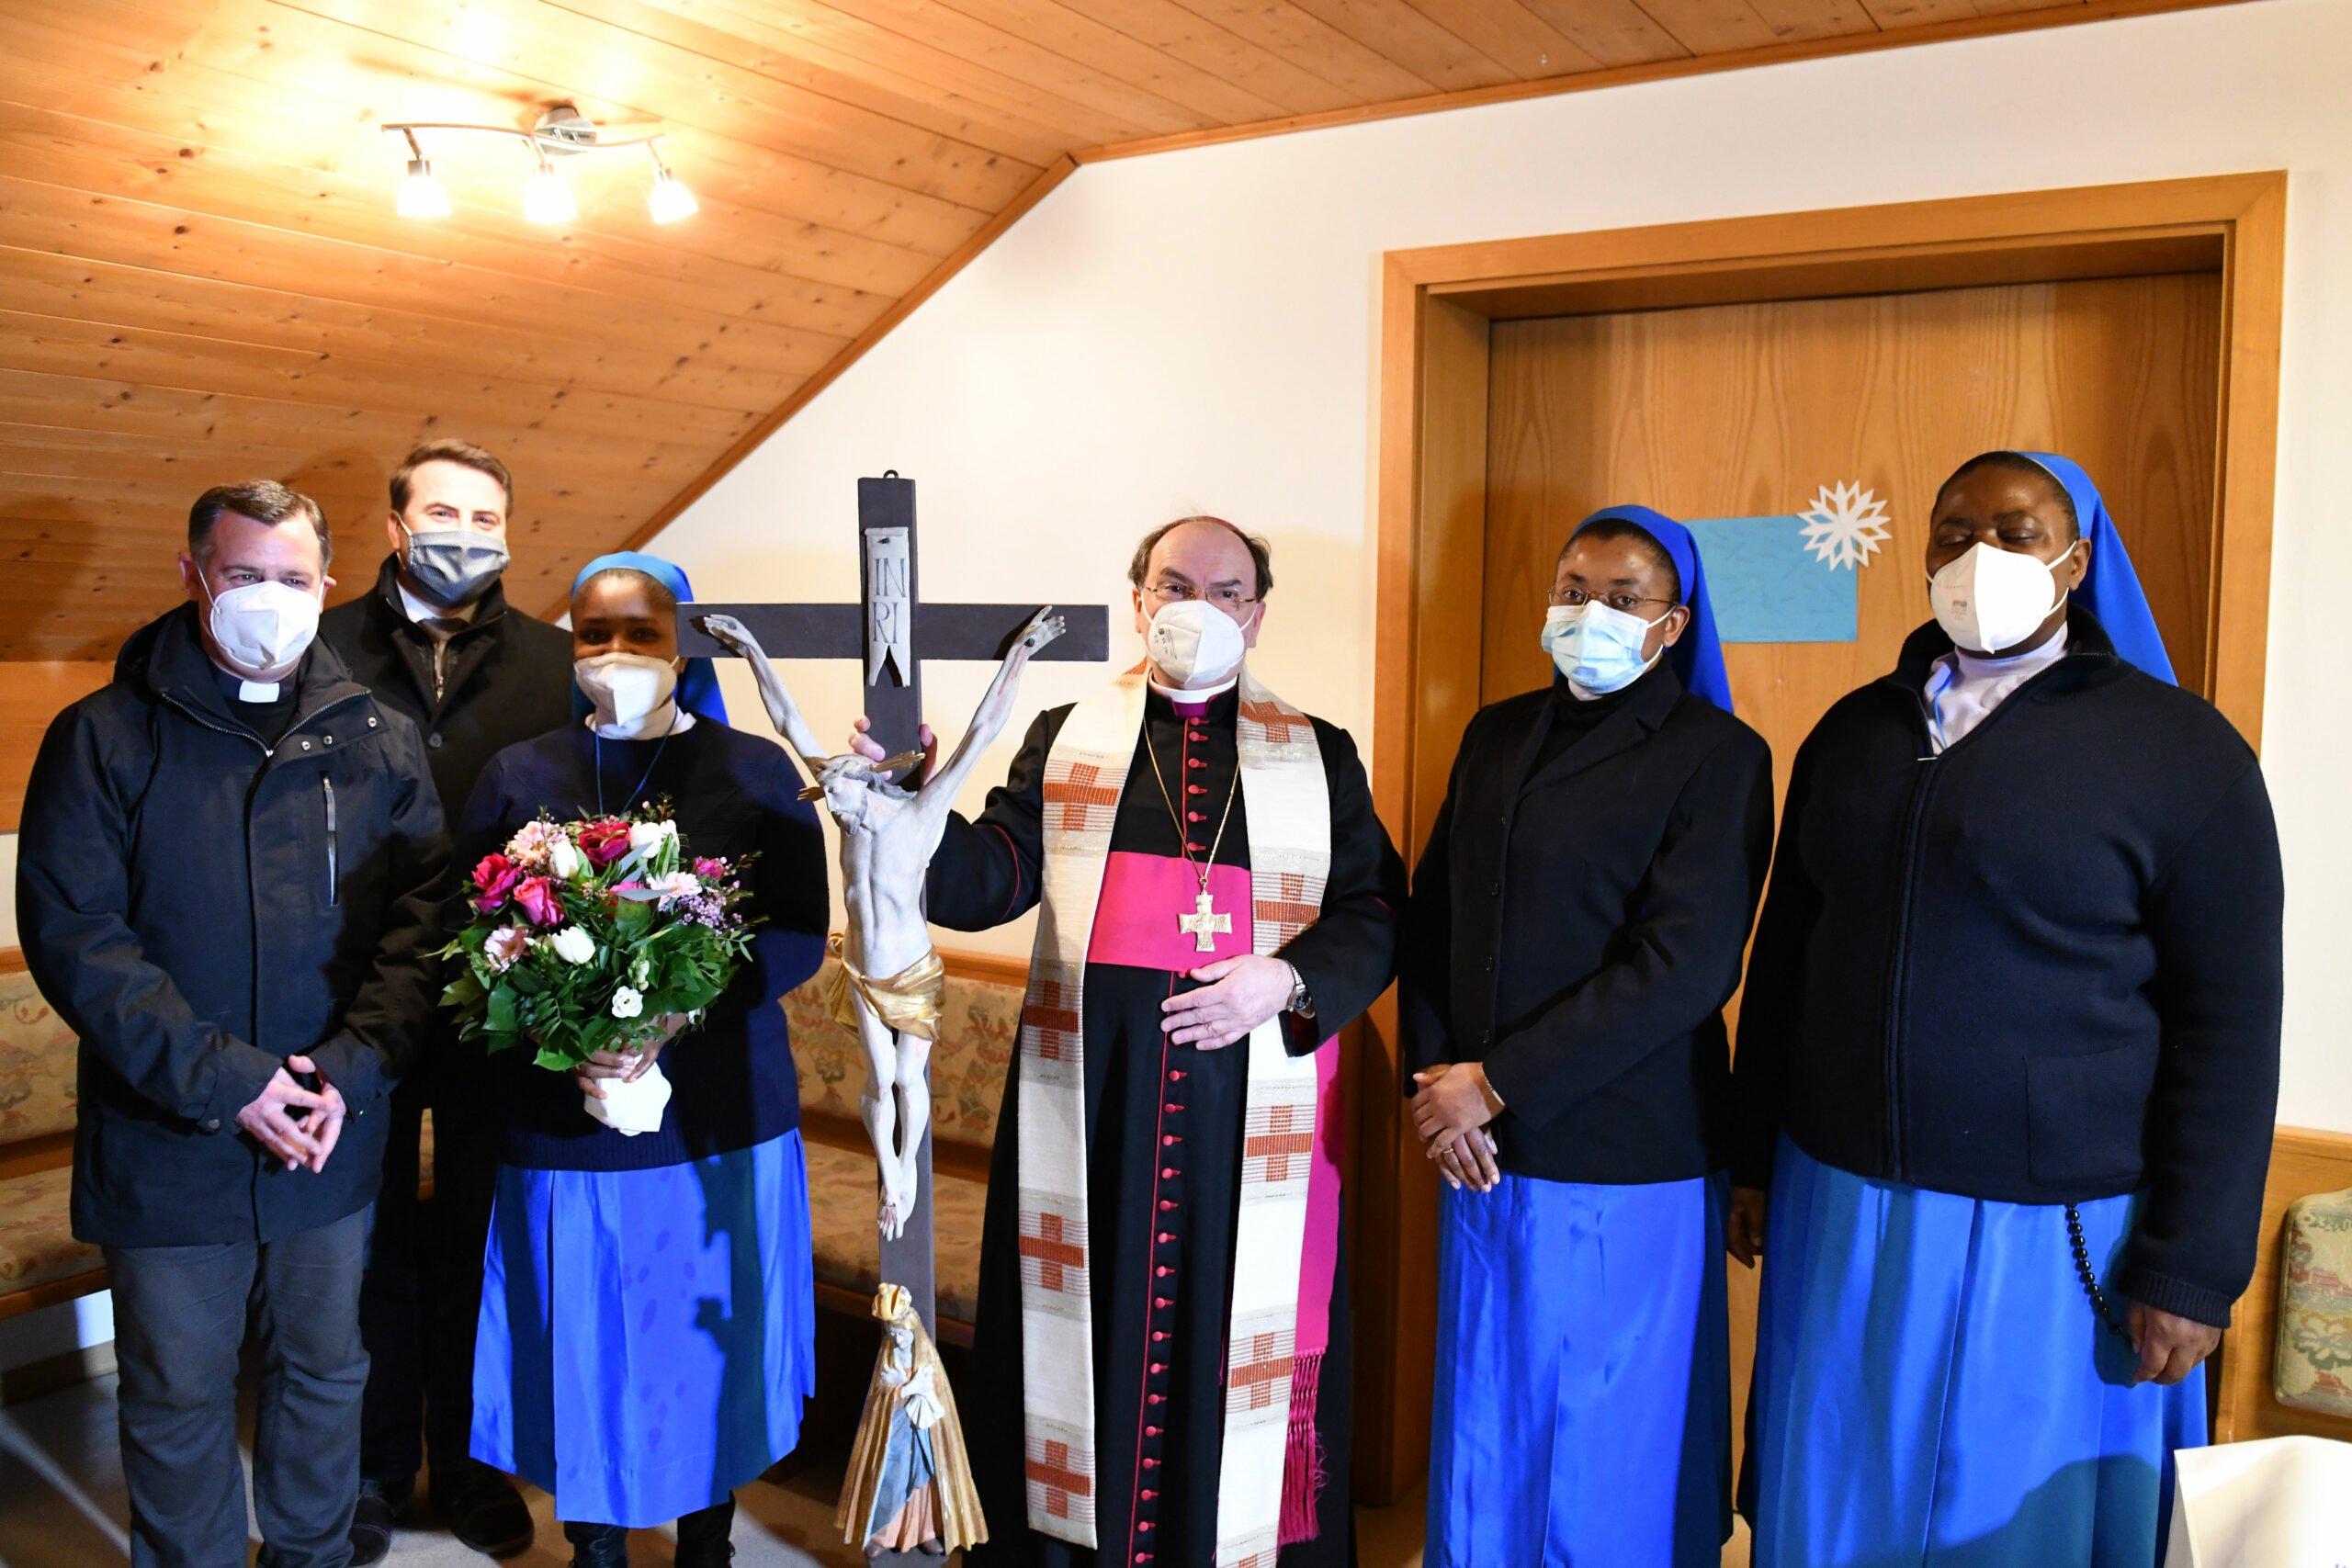 Bischof Bertram Mit Den Drei Bewohnerinnen Des Neuen Konvents Foto Julian Schmidt Pba Scaled